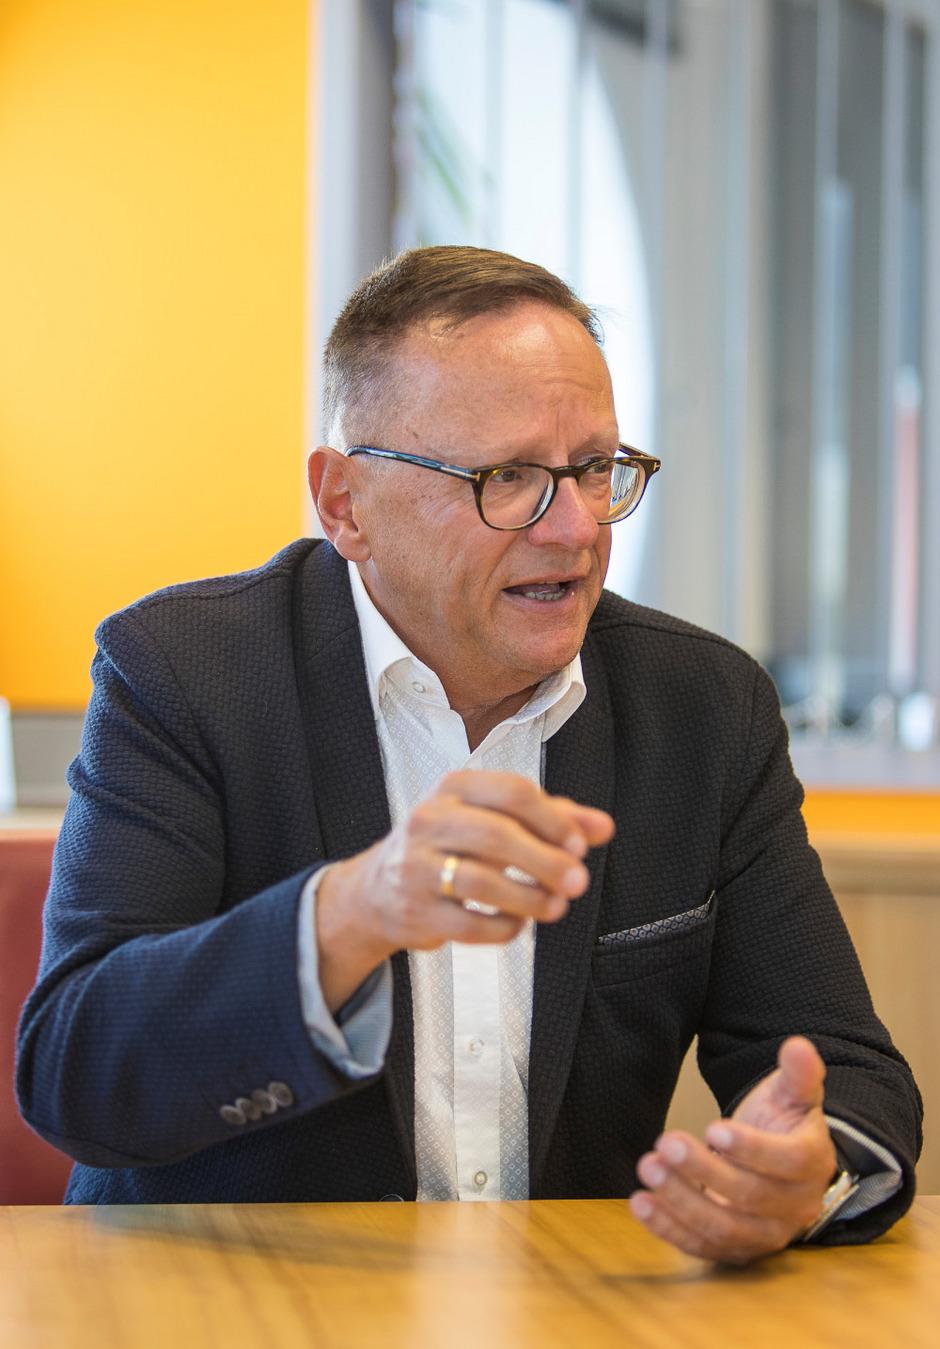 Media Markt Club Kartennummer Finden.Media Markt Chef Fachhandel Wird Immer Weniger Tiroler